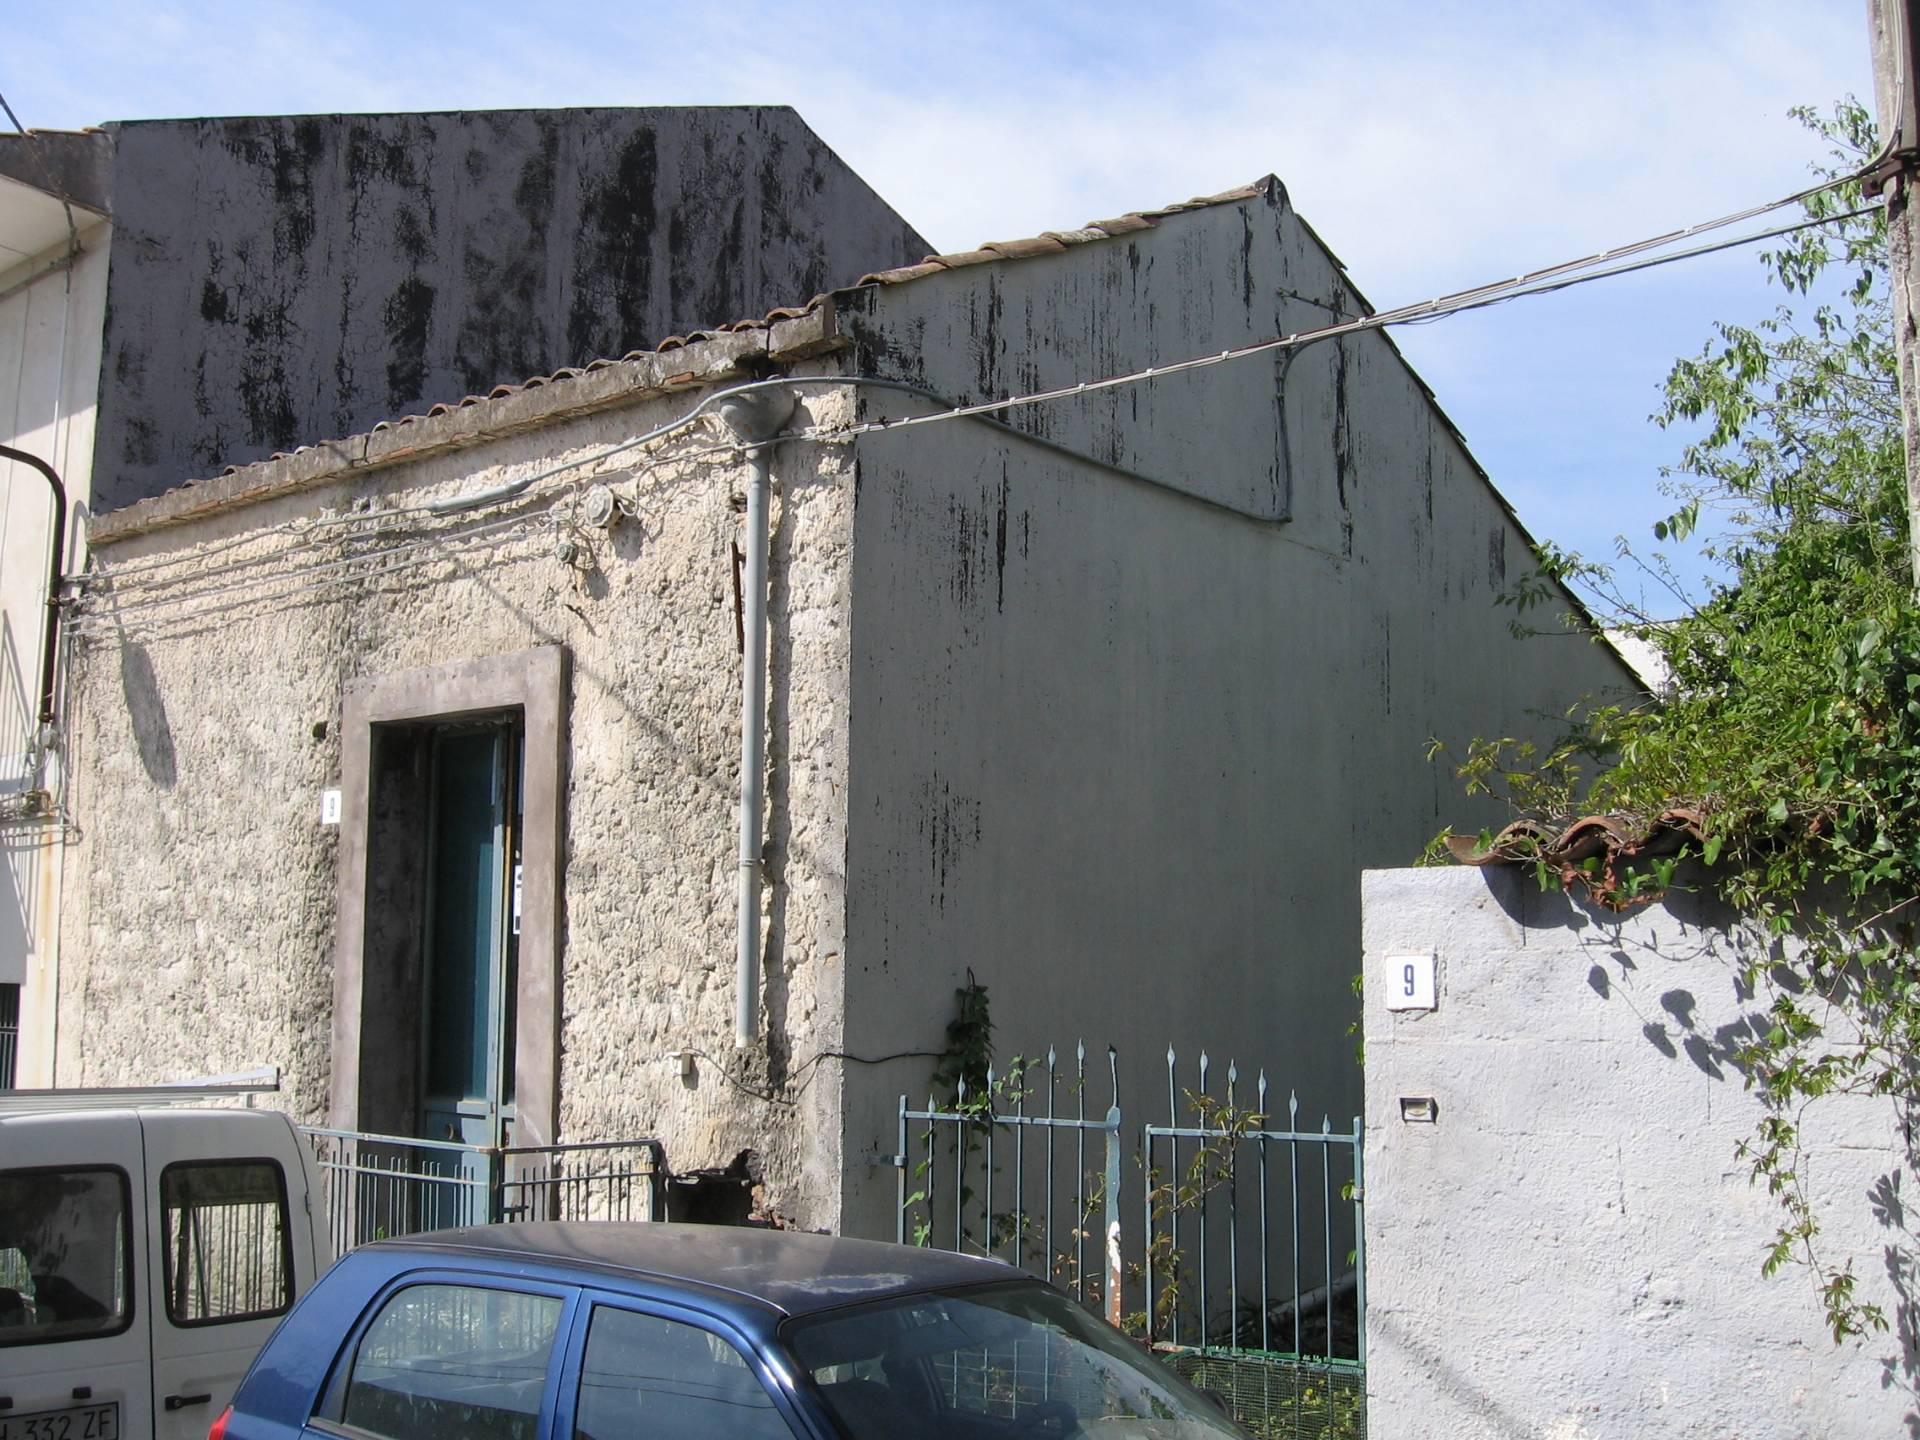 Soluzione Indipendente in vendita a Valverde, 2 locali, zona Località: carminello, prezzo € 79.000 | Cambio Casa.it